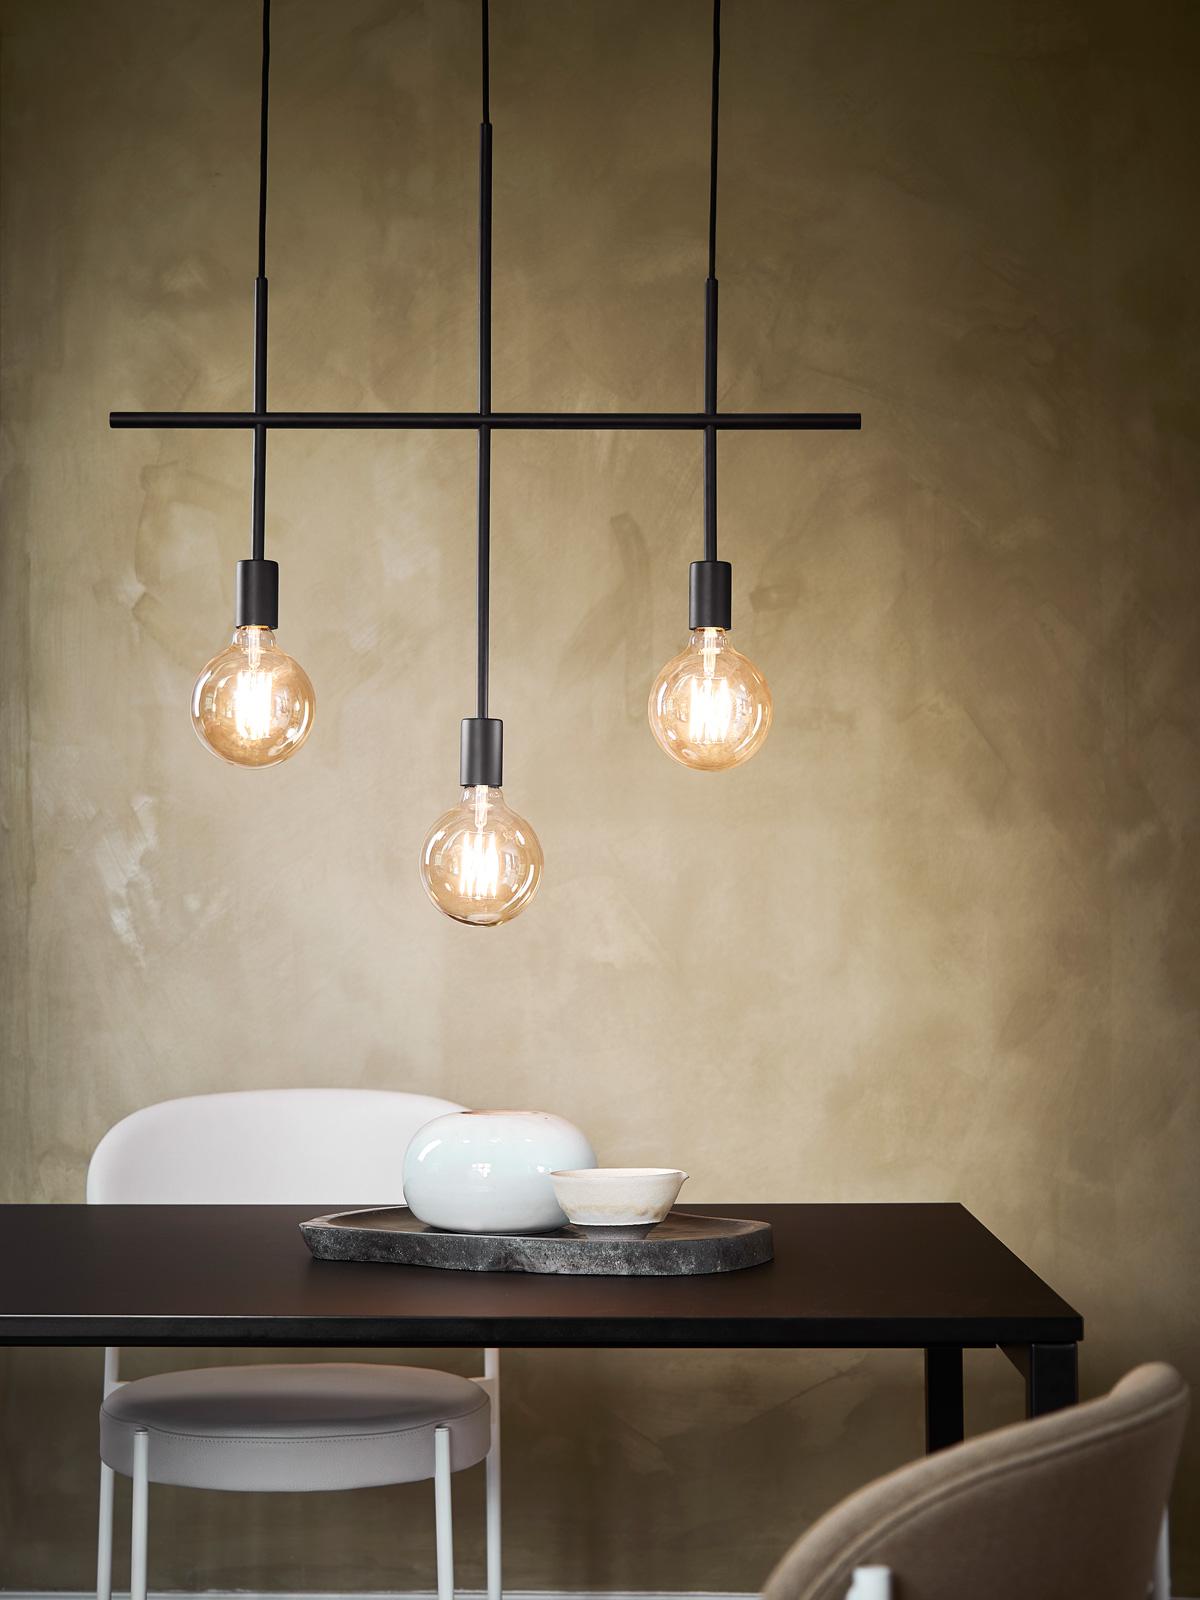 DesignOrt Blog: Leuchten für den Esstisch dreiflammige Pendelleuchte moderner Kronleuchter Frandsen